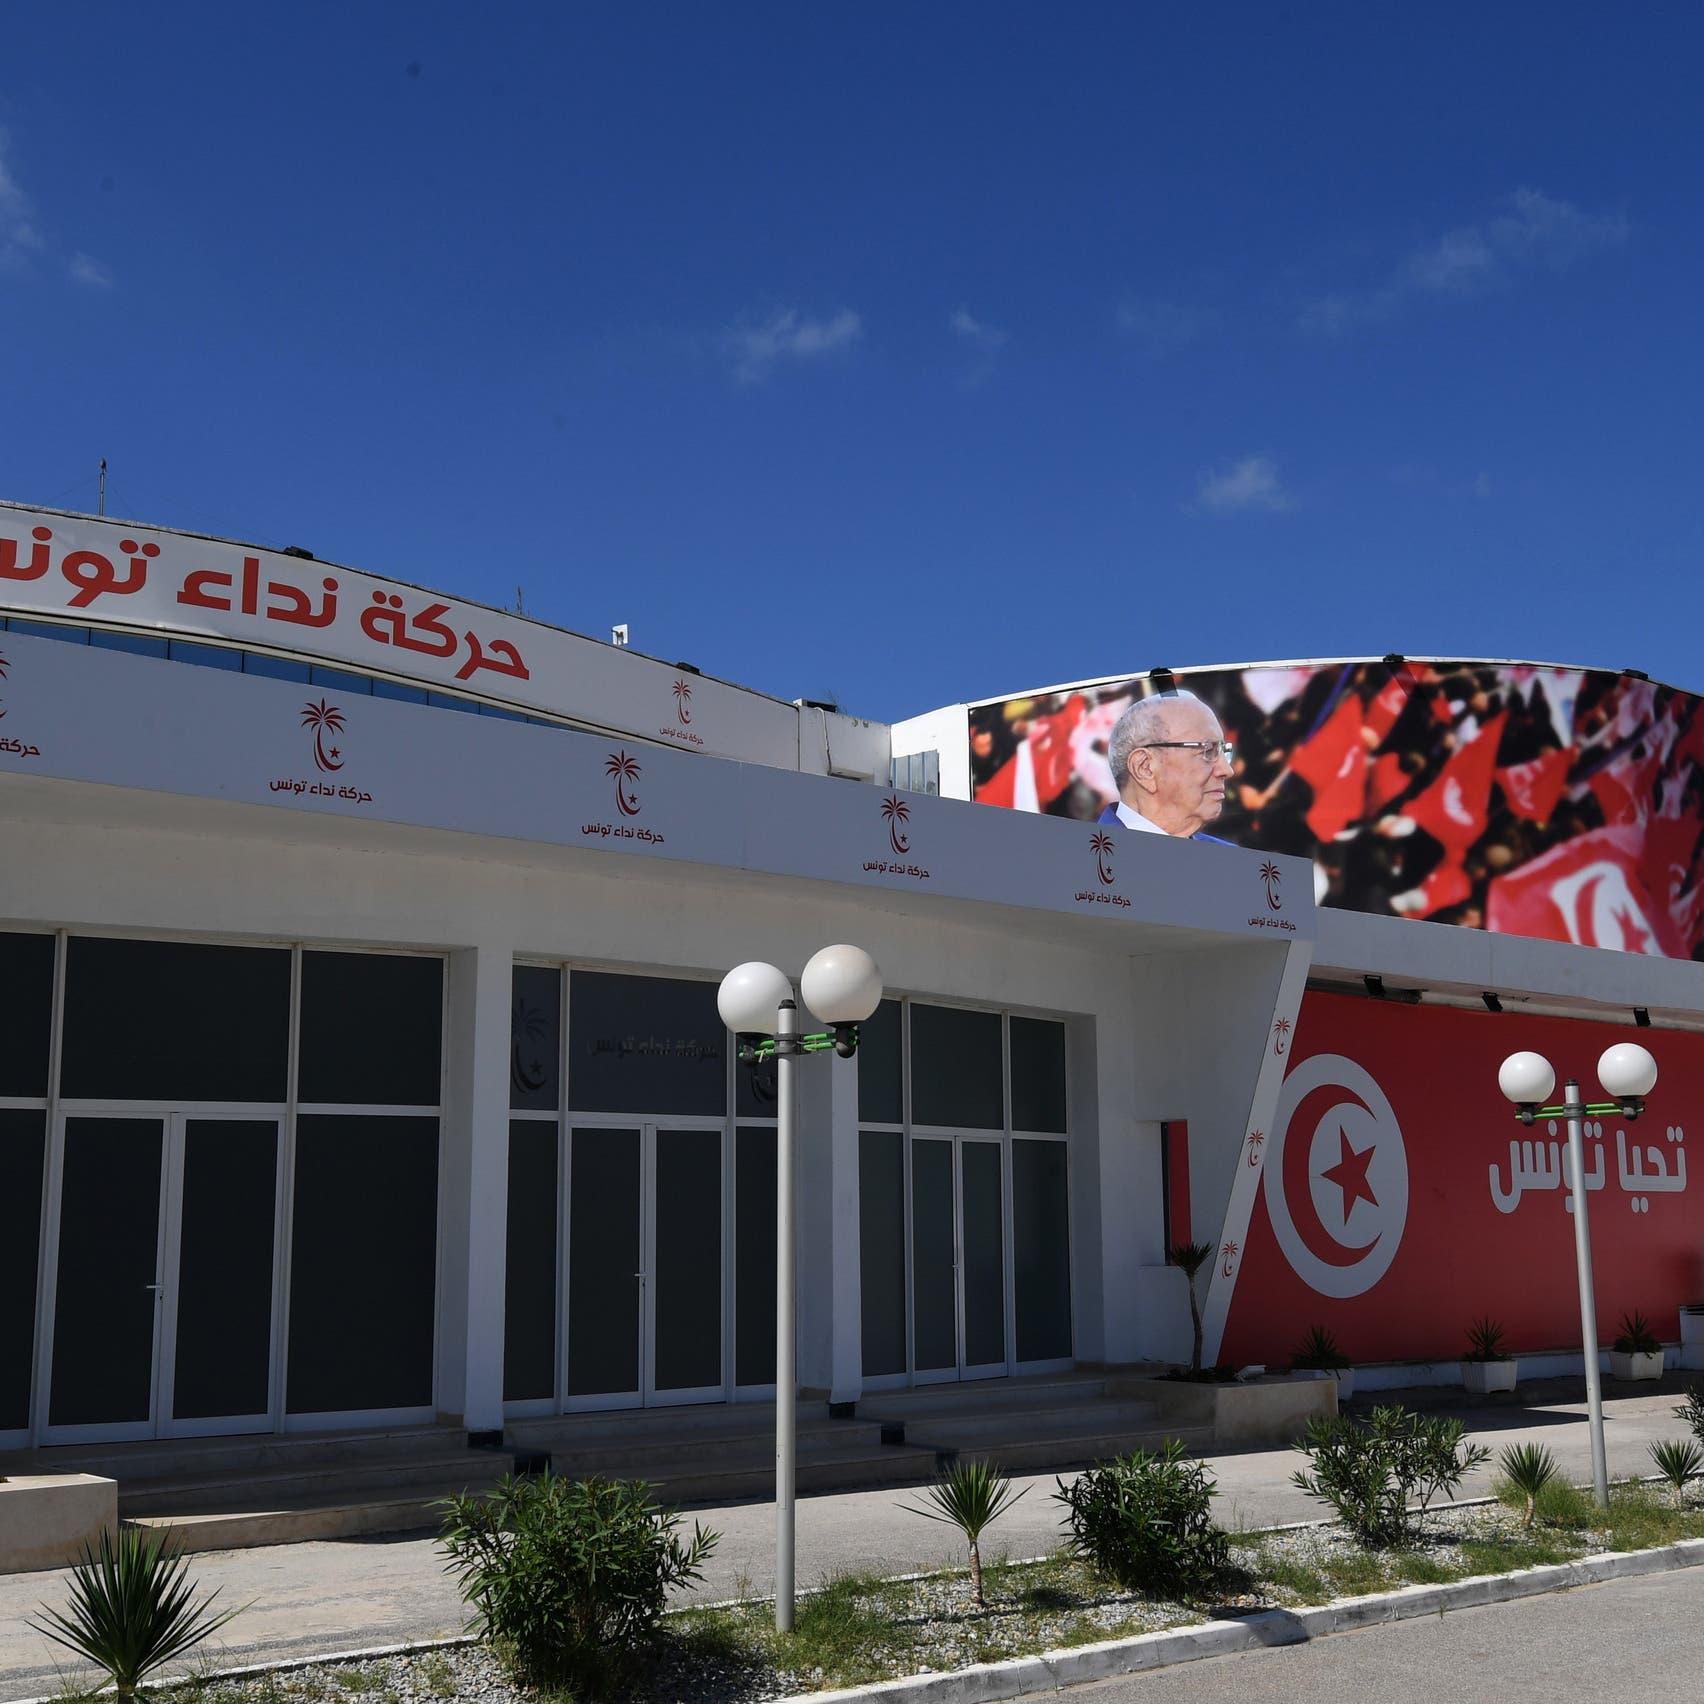 """الانتخابات تؤكد نهاية """"نداء تونس"""".. هكذا بدأ ولهذا انطفأ نجمه"""